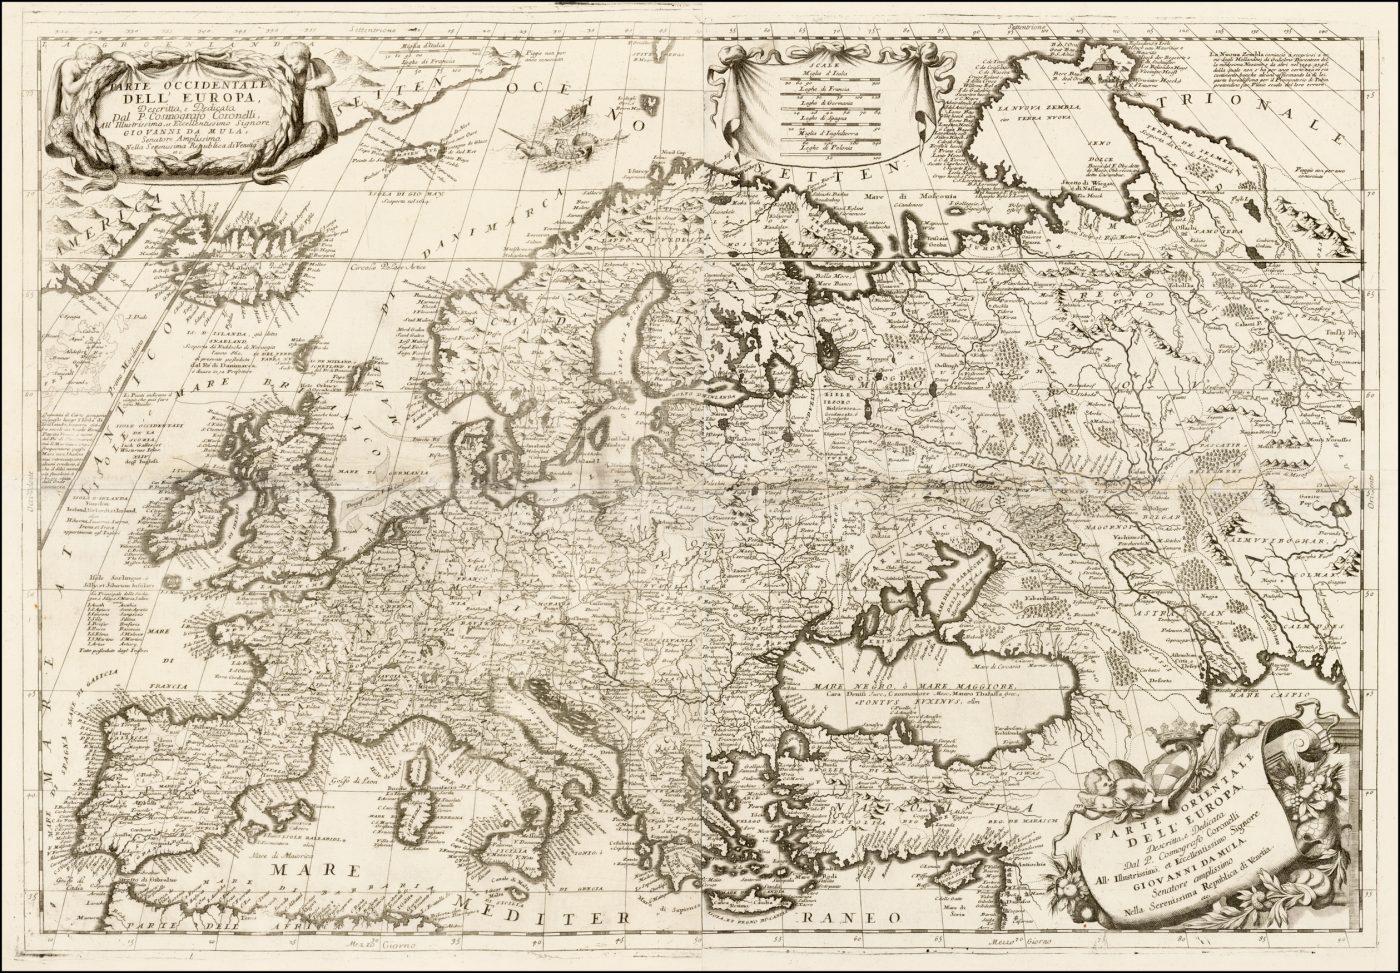 Старинная карта Коронелли 1692 года с изображением Европы